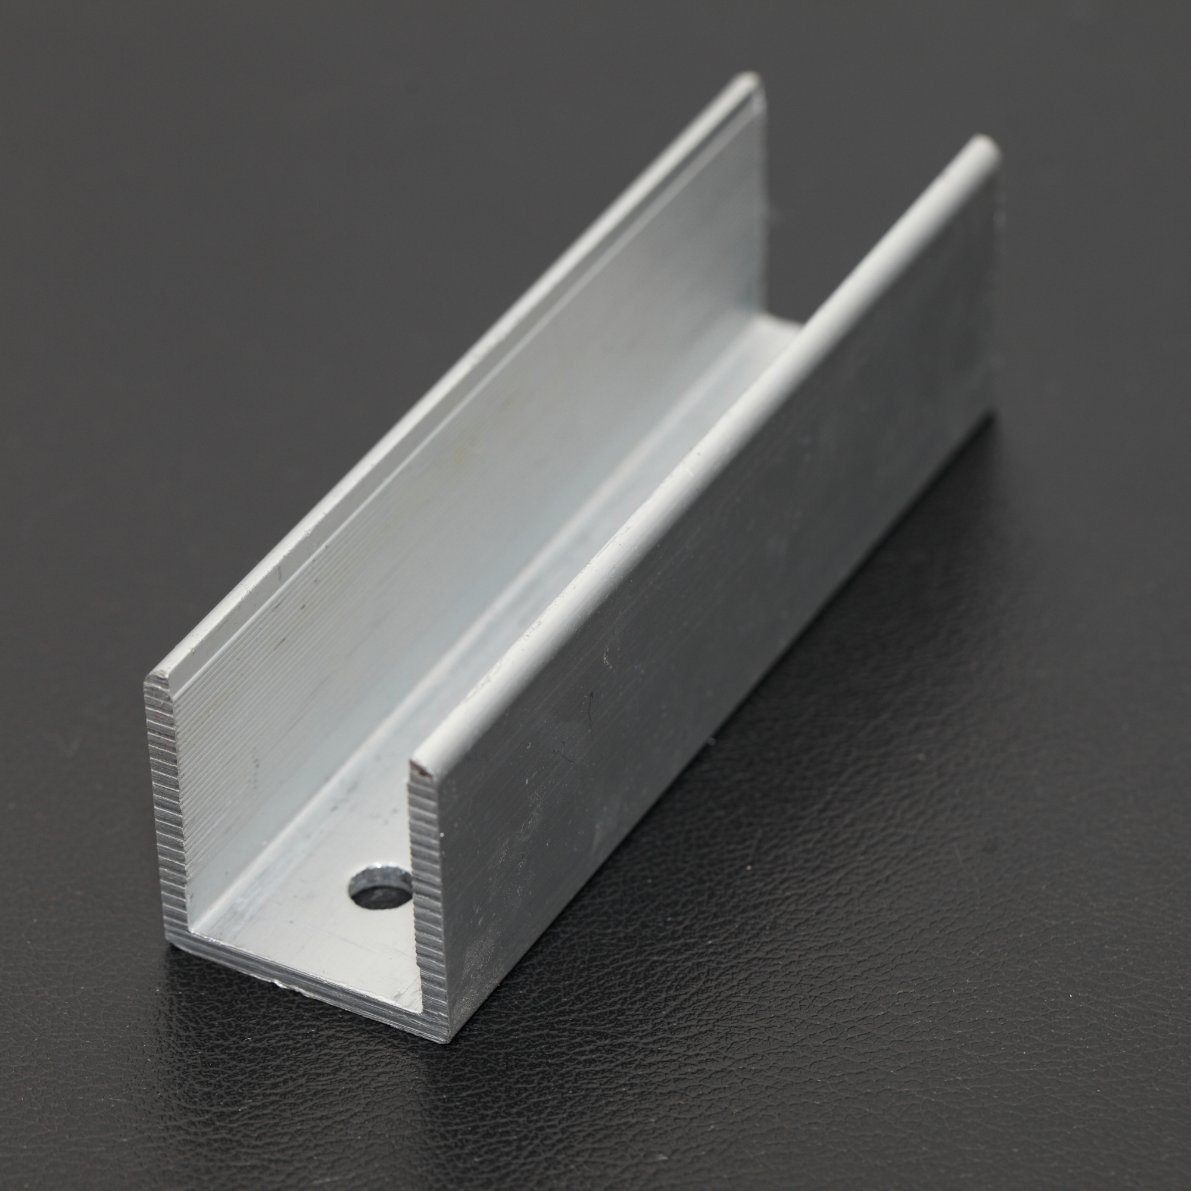 China Aluminum Extrusion 6063 T5 Aluminum U Channel